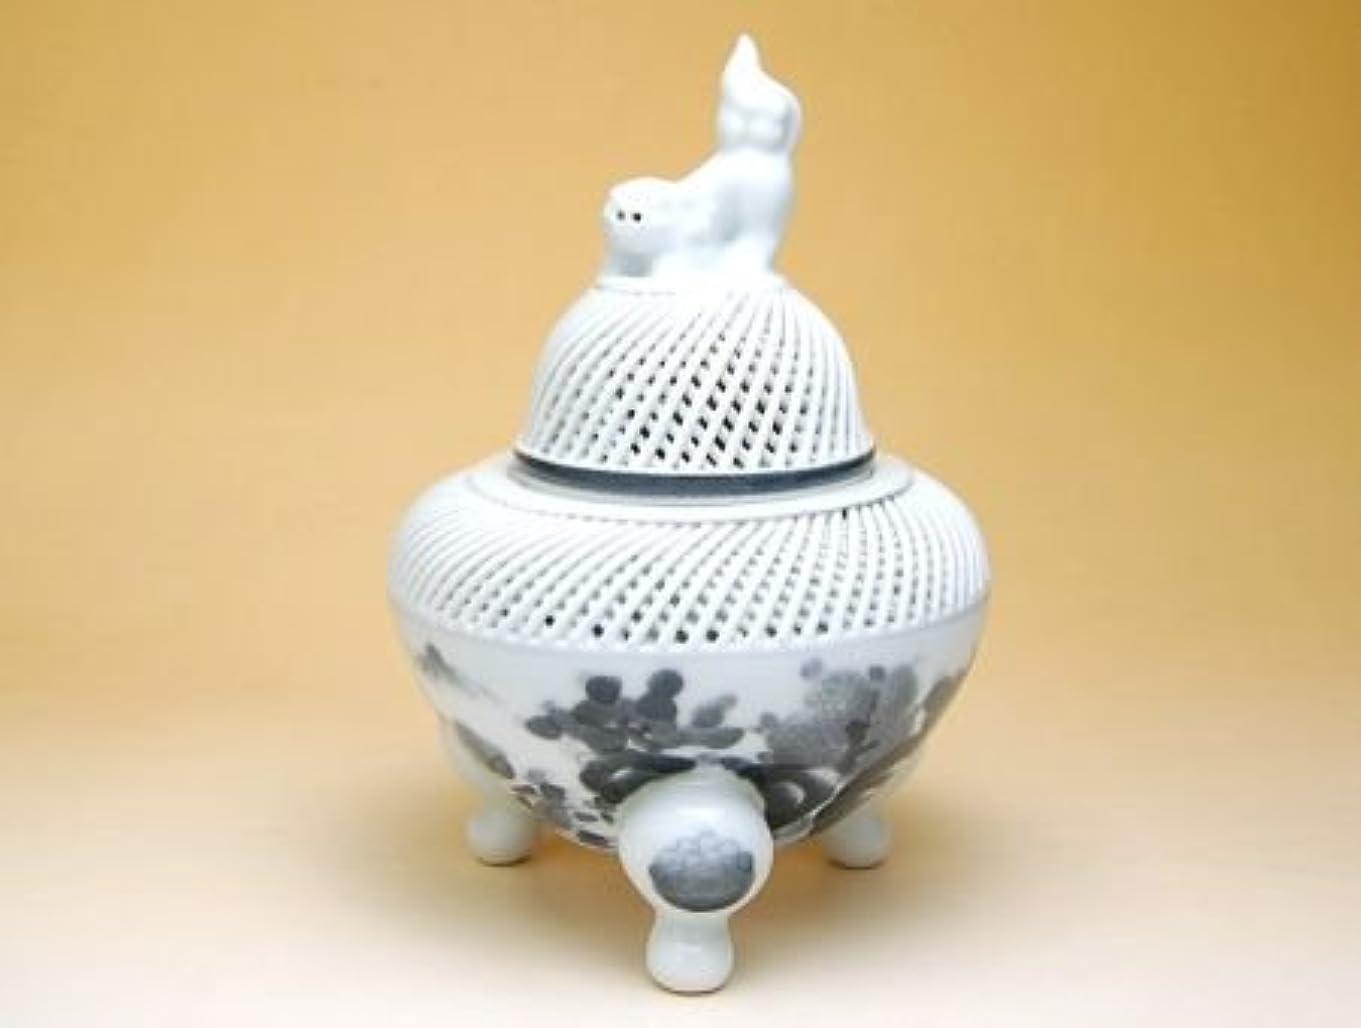 後ろにとまり木摩擦有田焼 網目墨山水 (大)香炉【サイズ】径13.5cm×高さ20cm